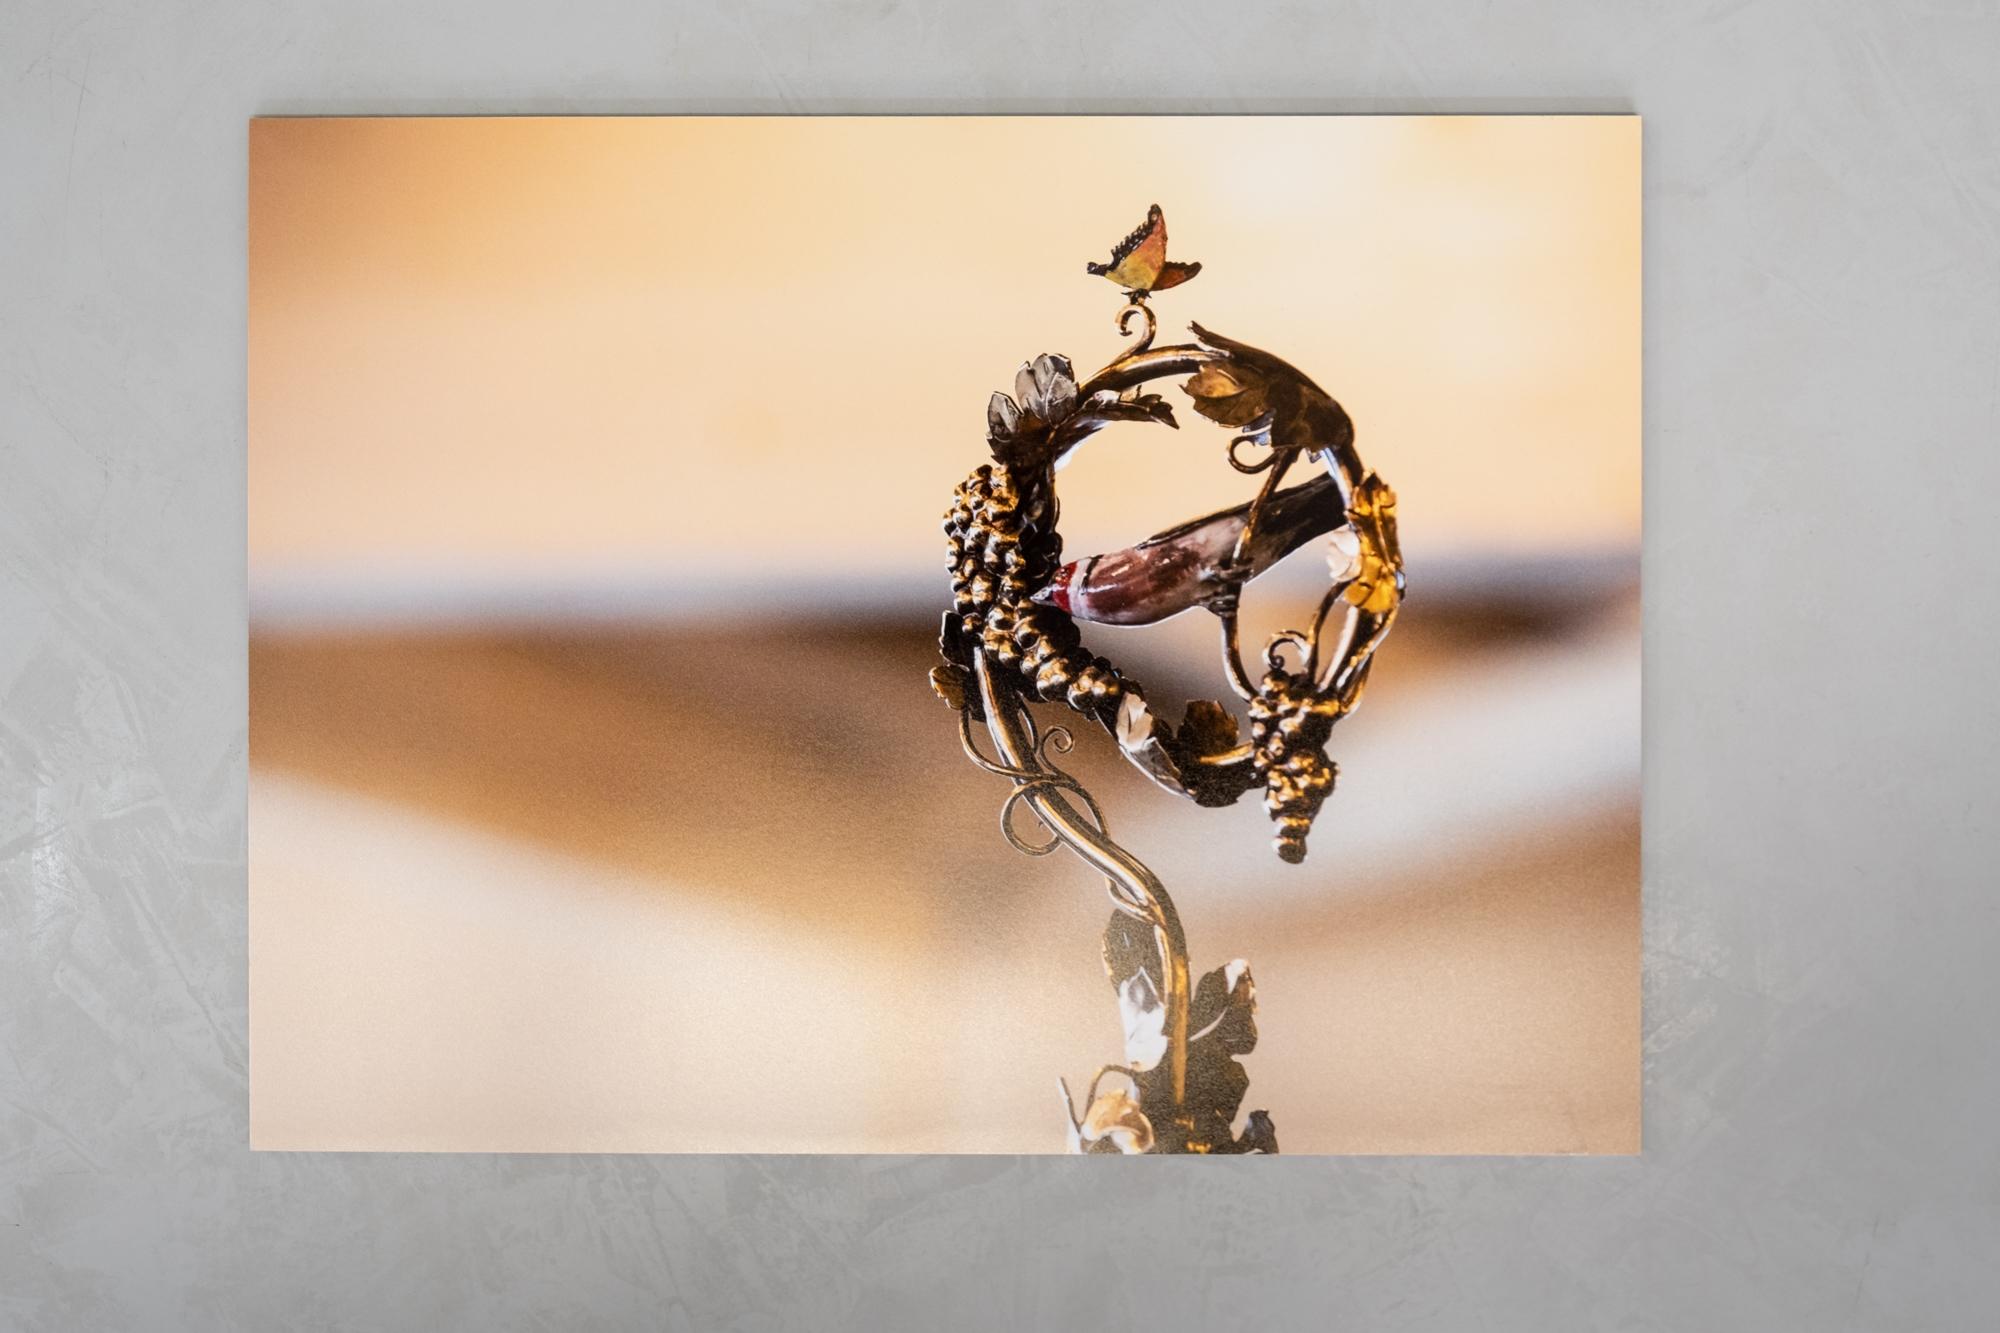 Contre collage Talbond, photographies officielles de la Fête des Vignerons 2019